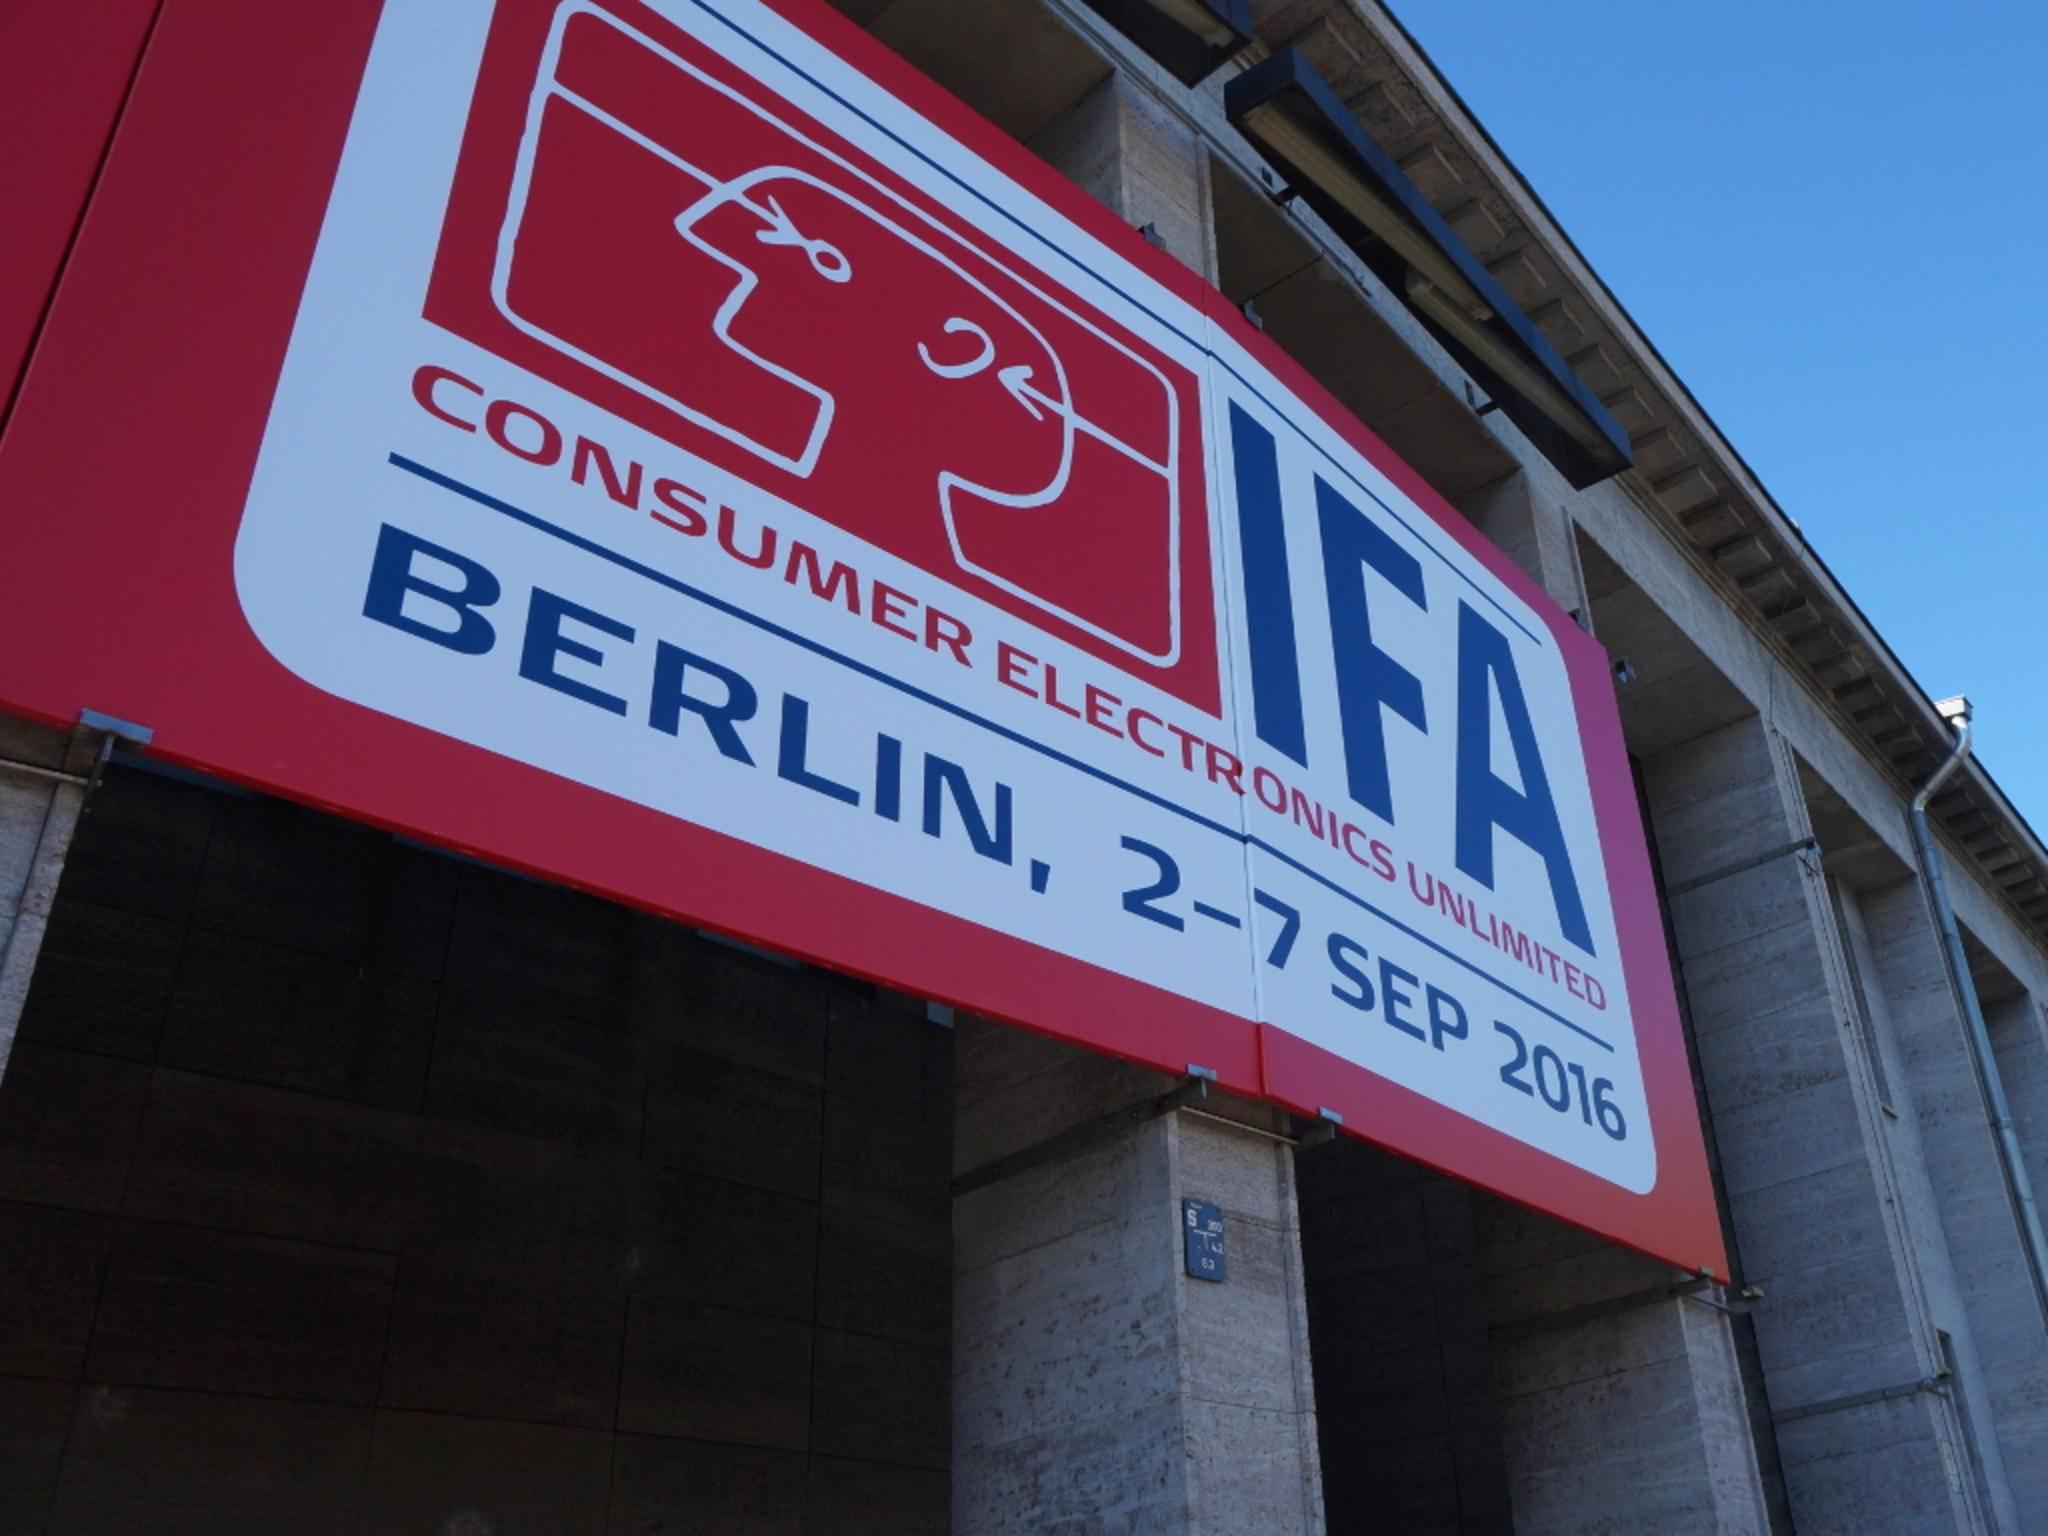 Die IFA 2016 dominierte diese Woche die Schlagzeilen.